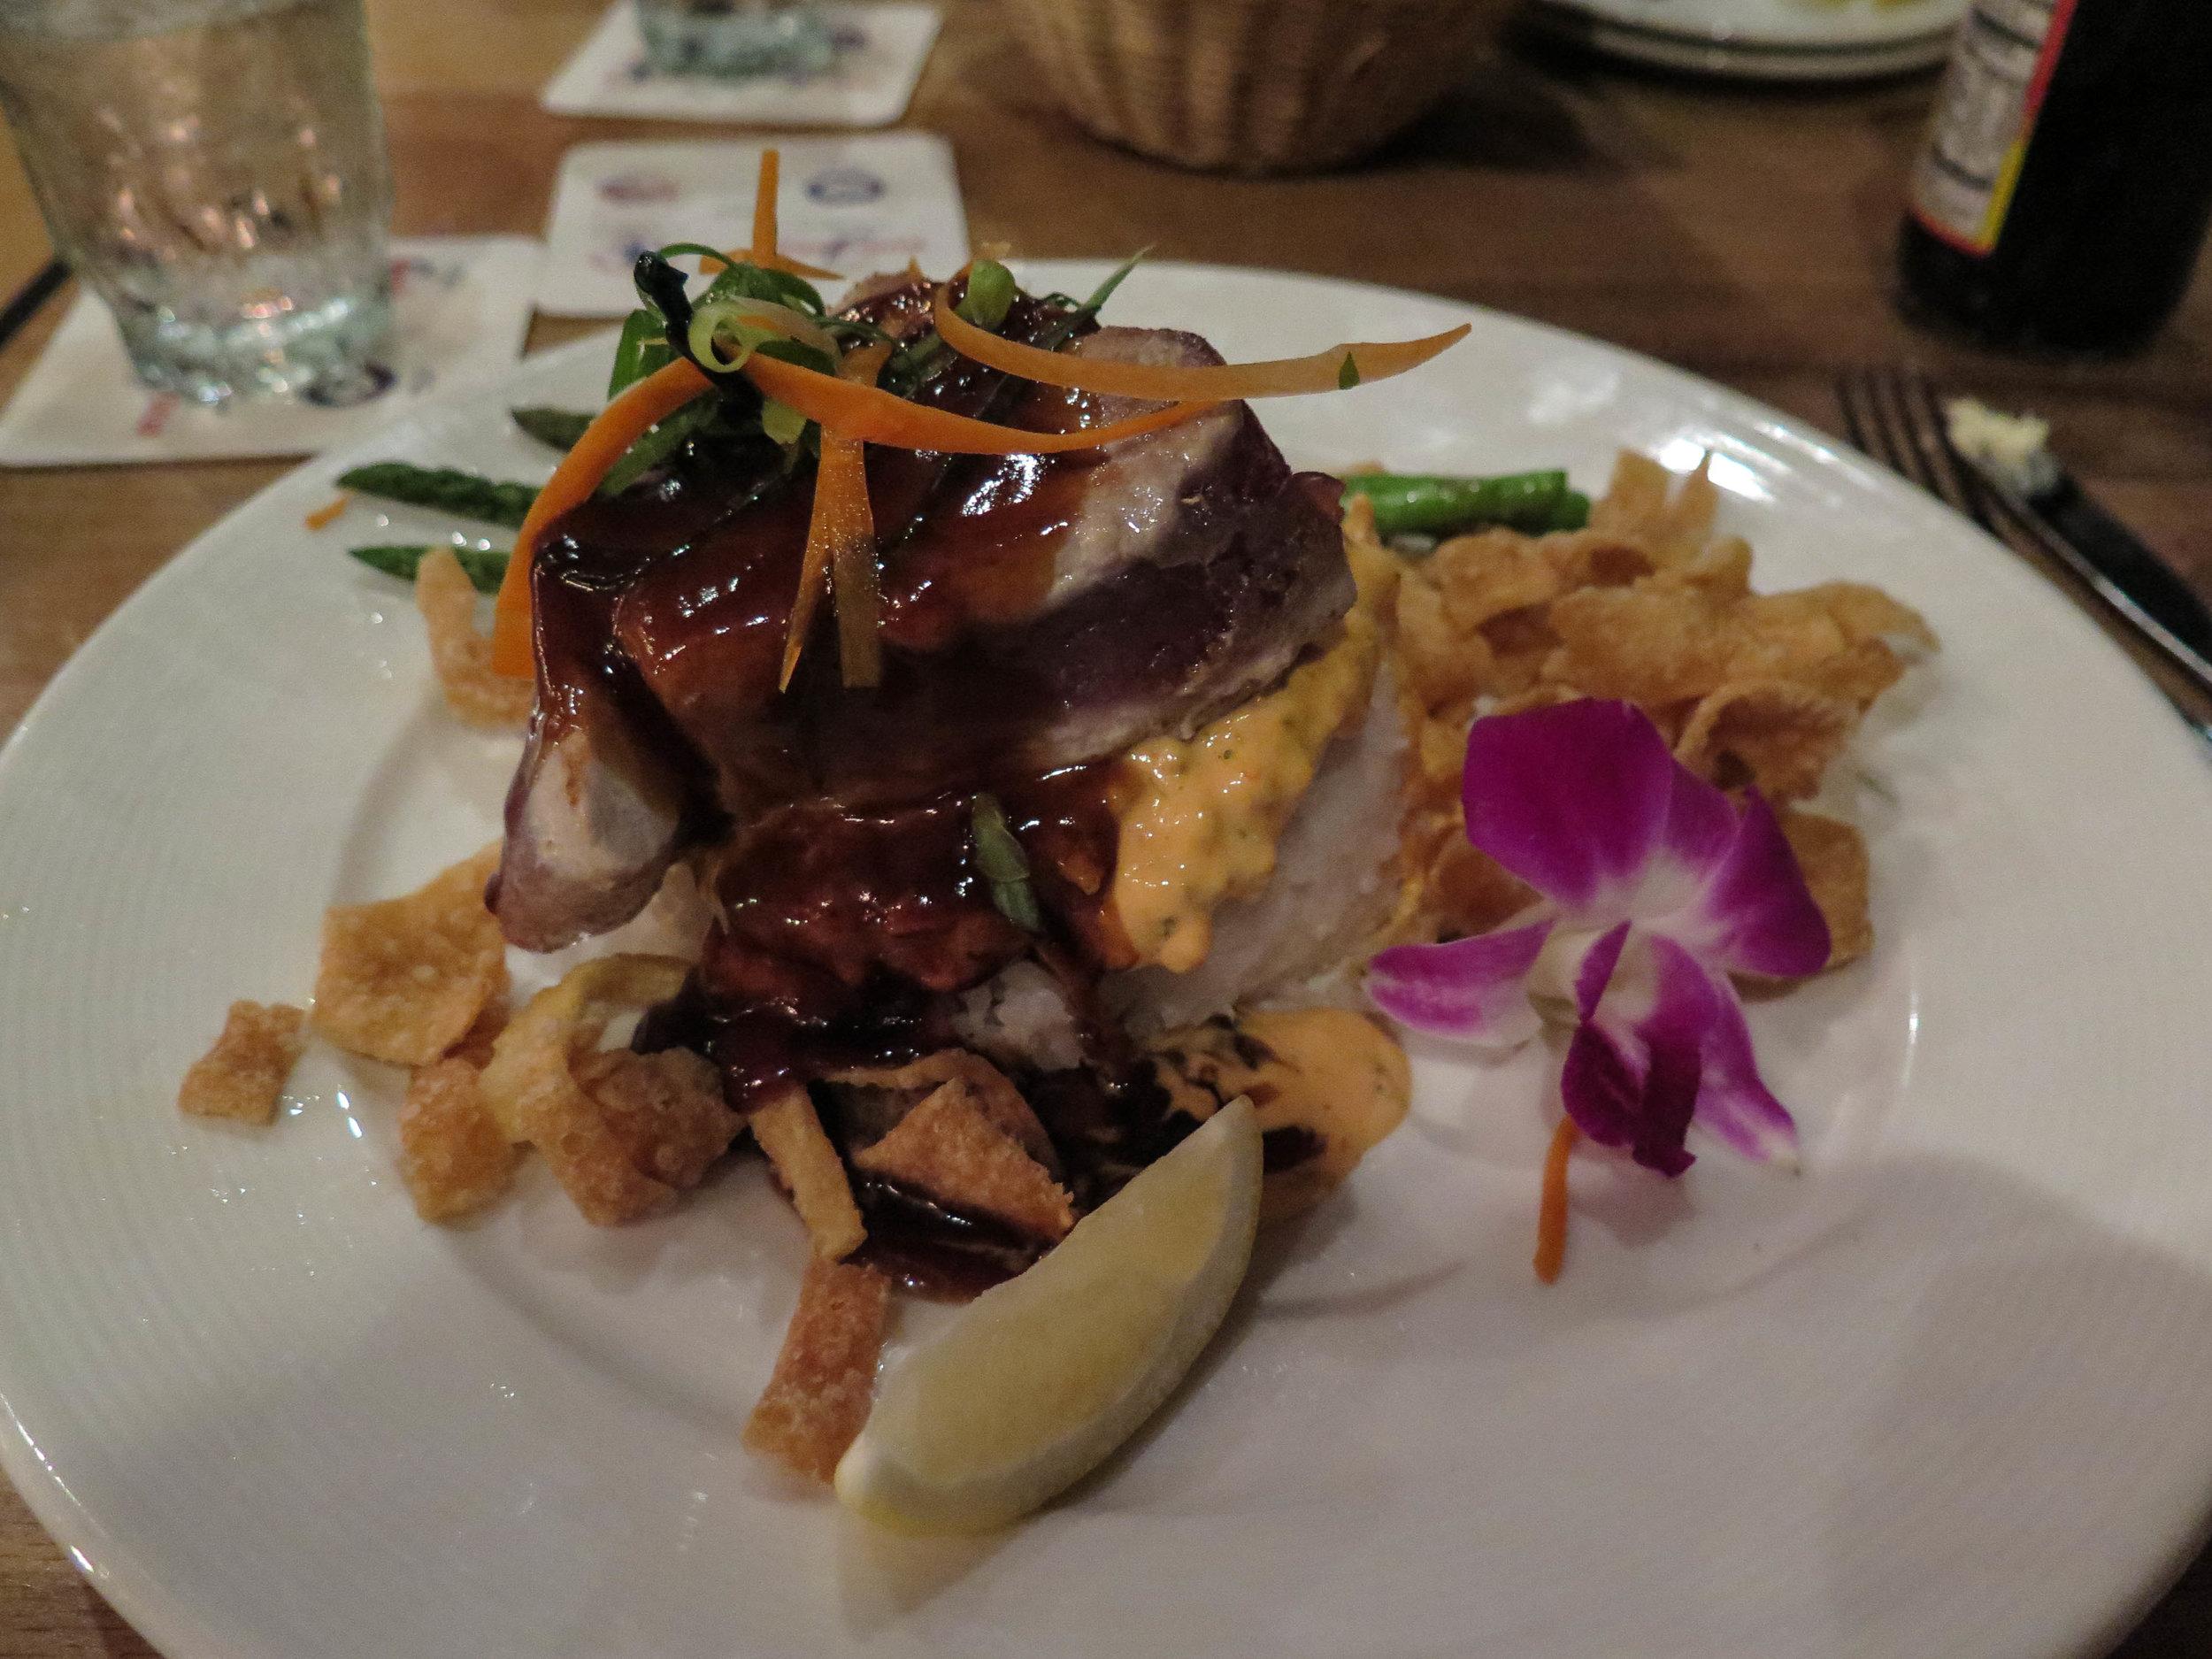 Ahi dish at the Konna Inn